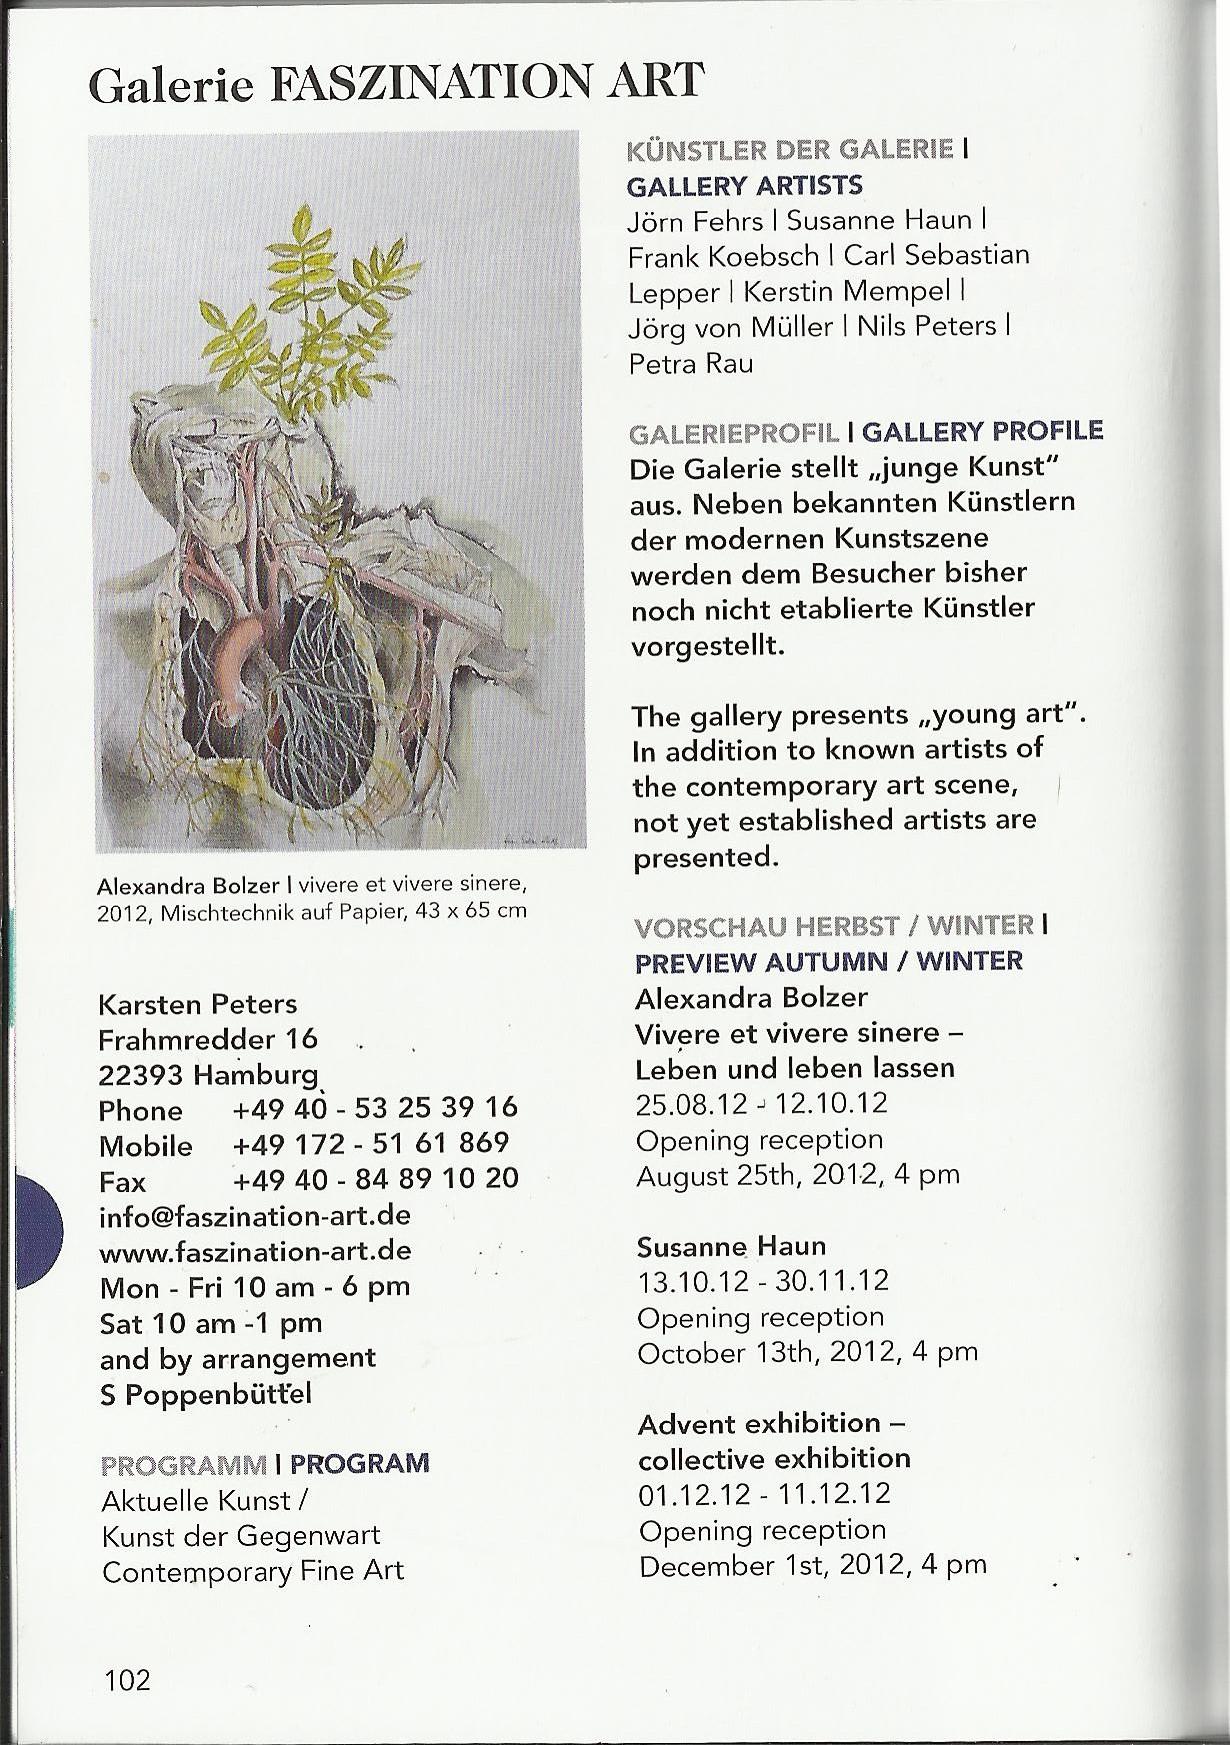 Galerien in Hamburg - Auszug Galerie Faszination Art